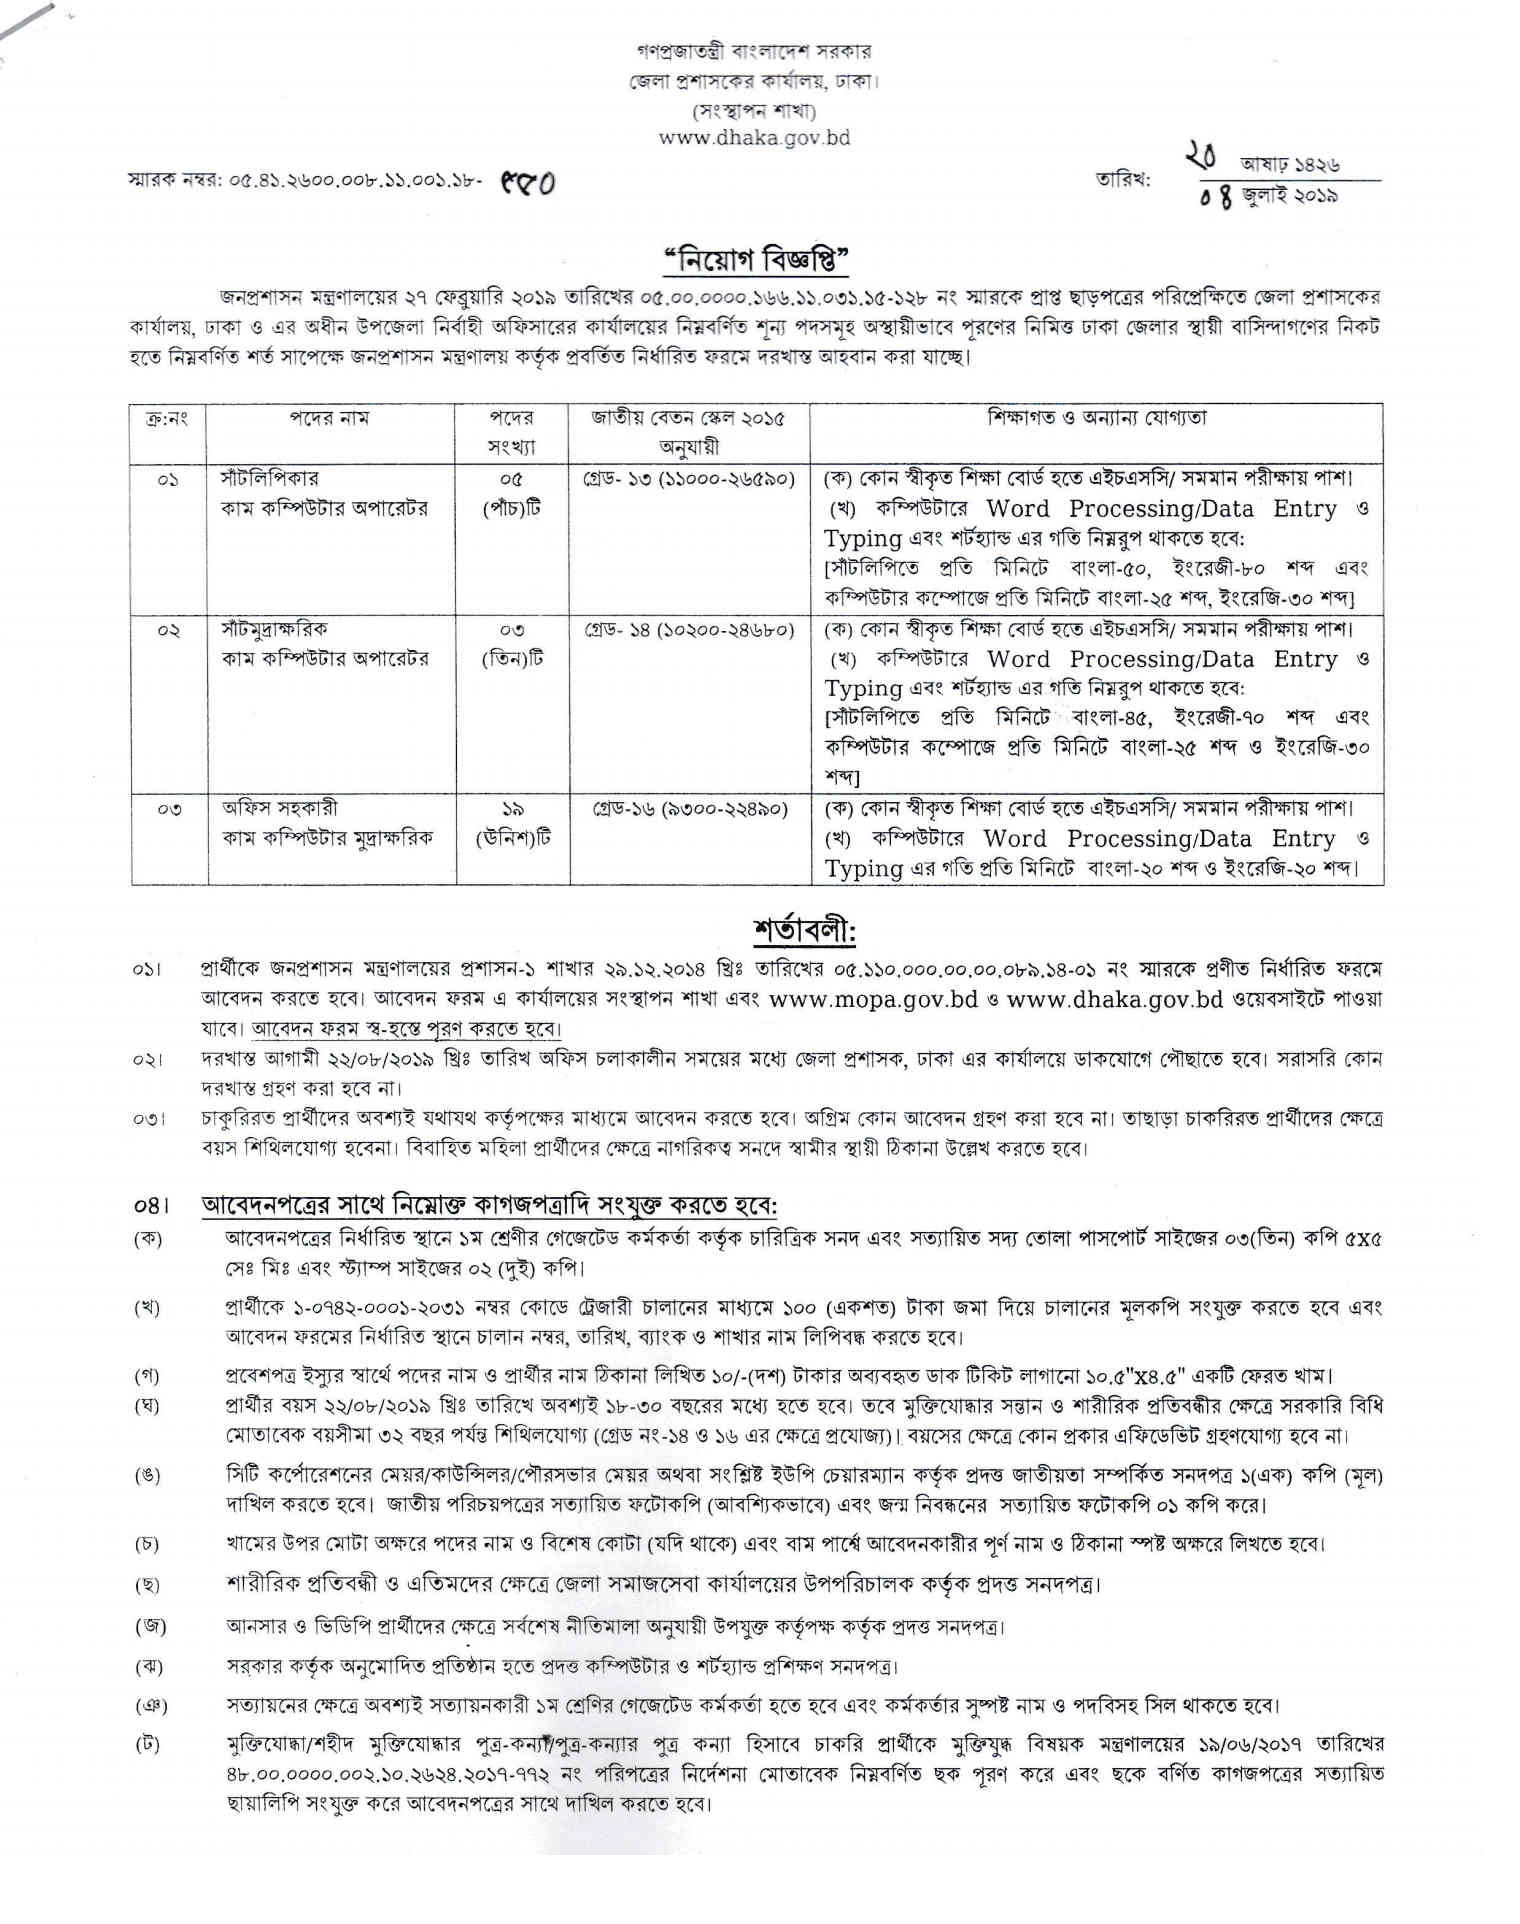 District Council office Job Circular 2019